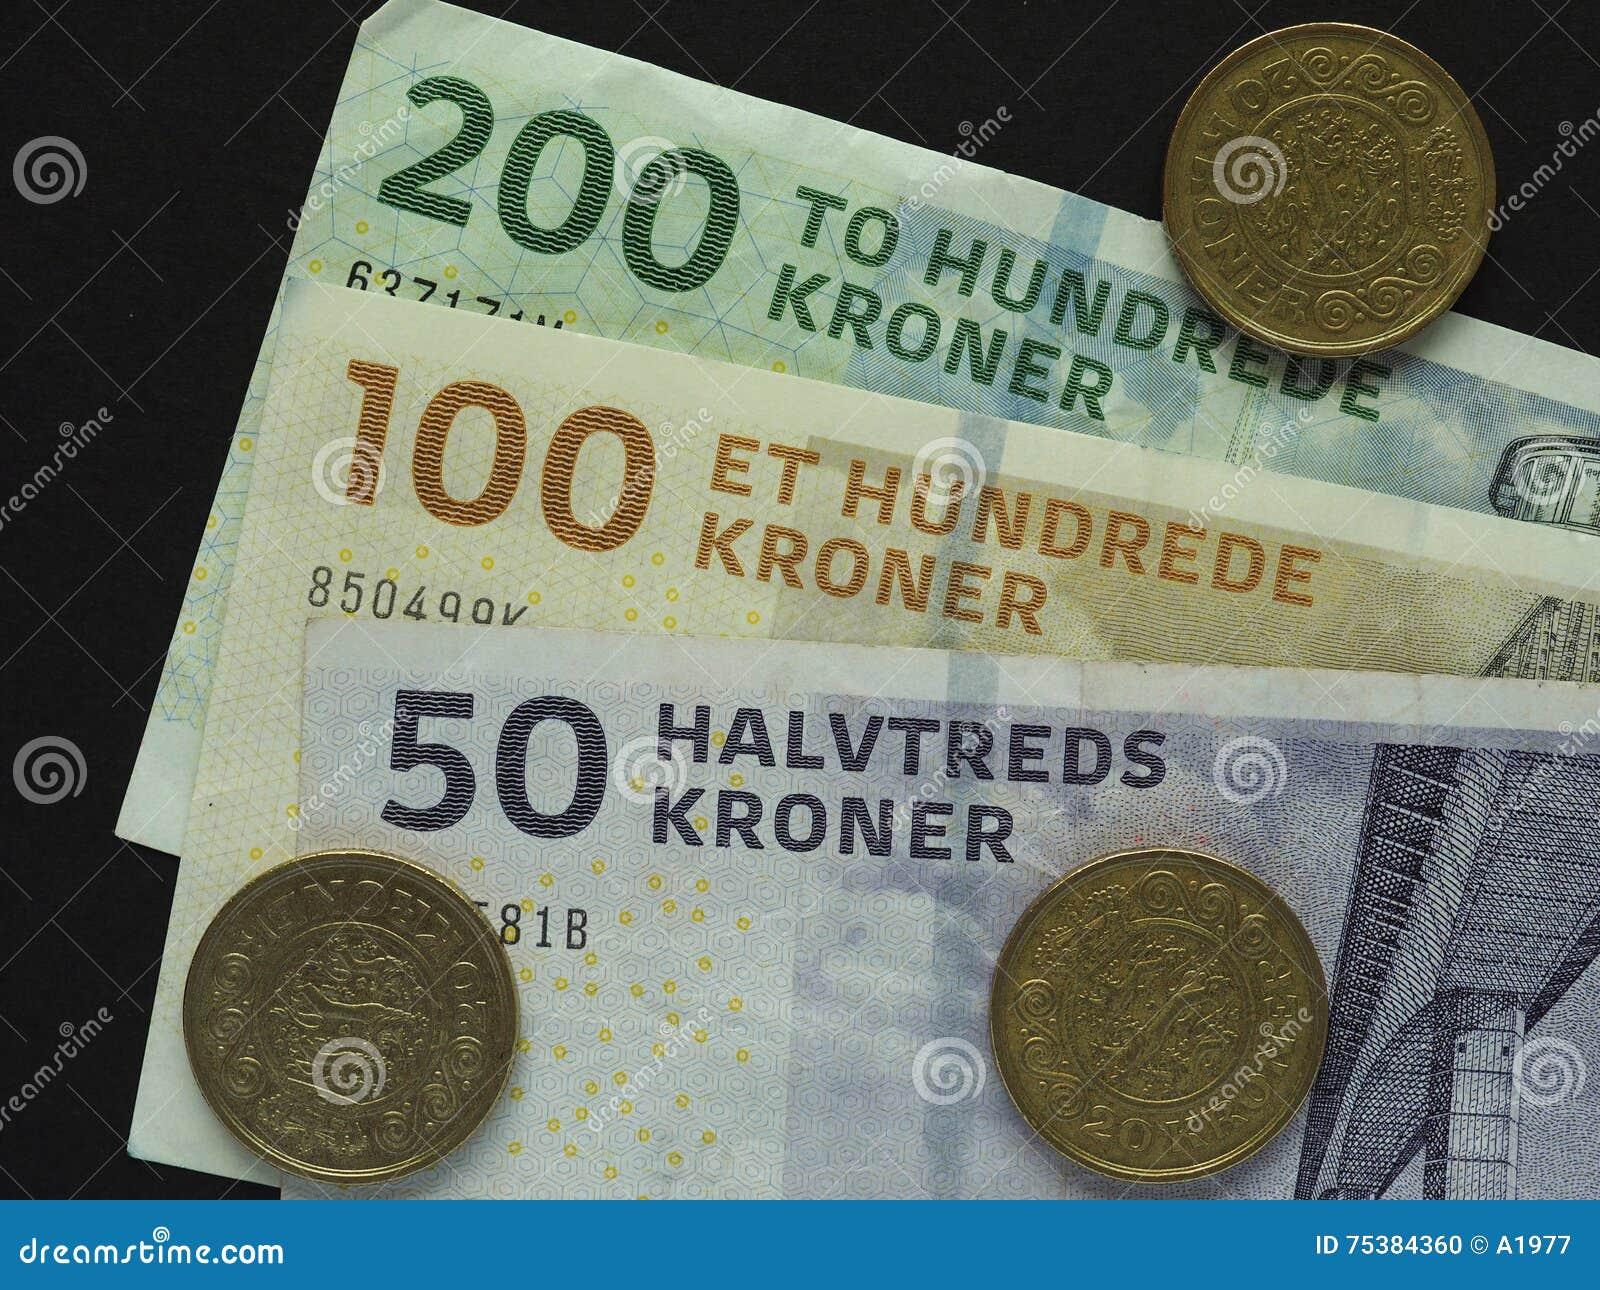 dkk valuta